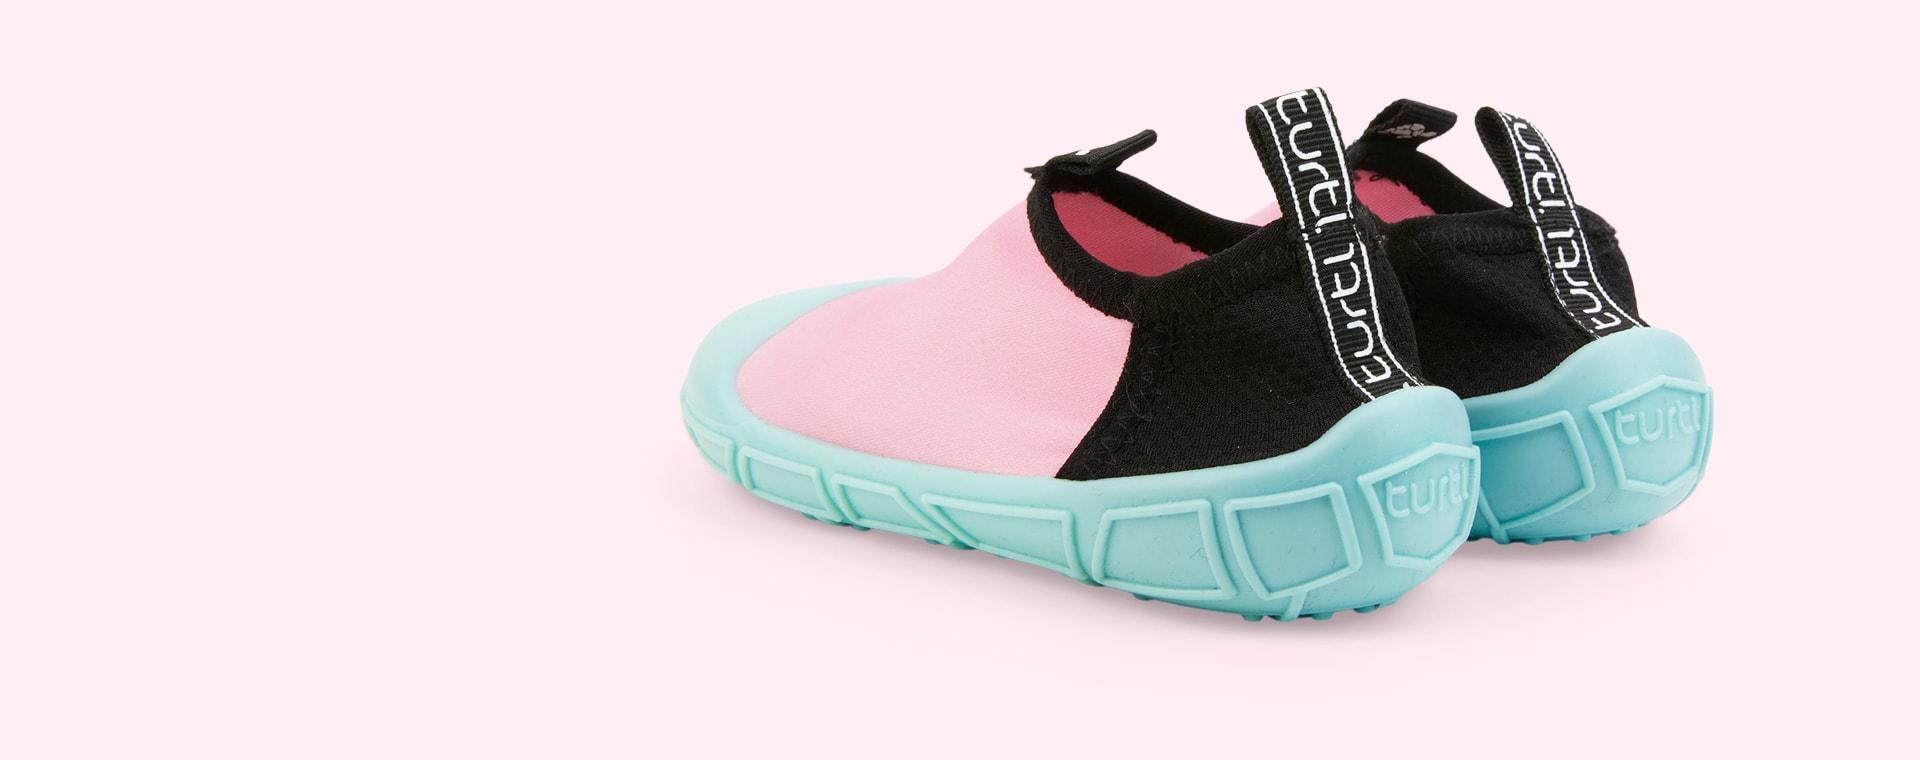 Pink turtl Aqua Shoes